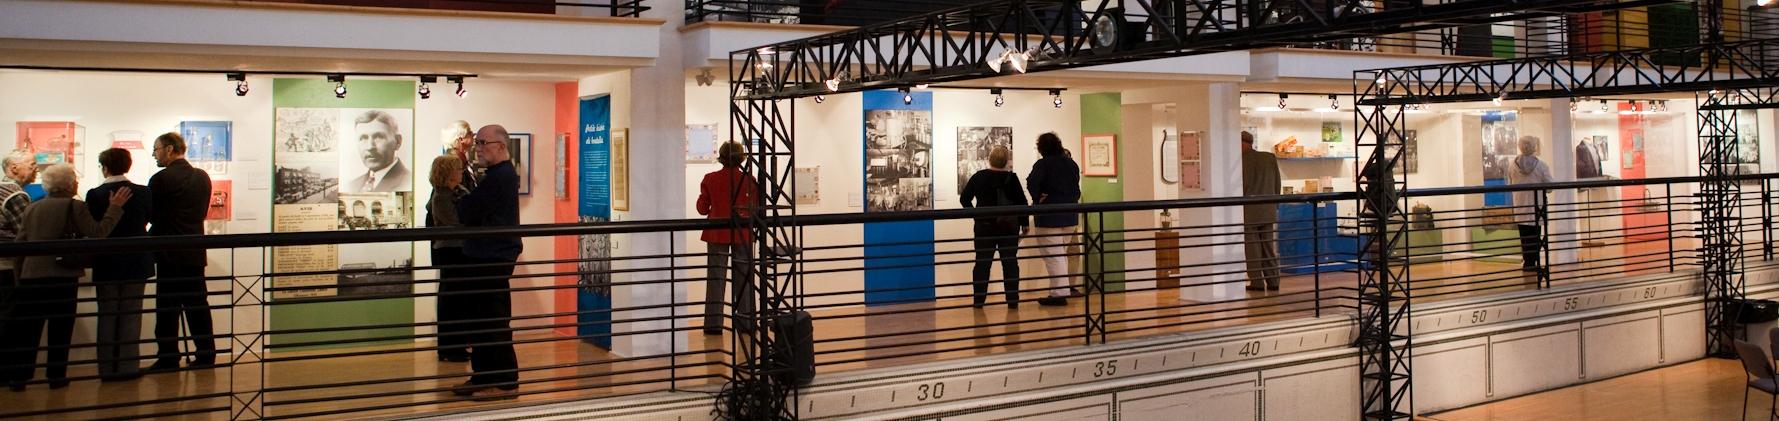 <b>Exposition <i>Run de lait,</i> 2010.</b> Photo : Julie Landreville, Écomusée du fier monde